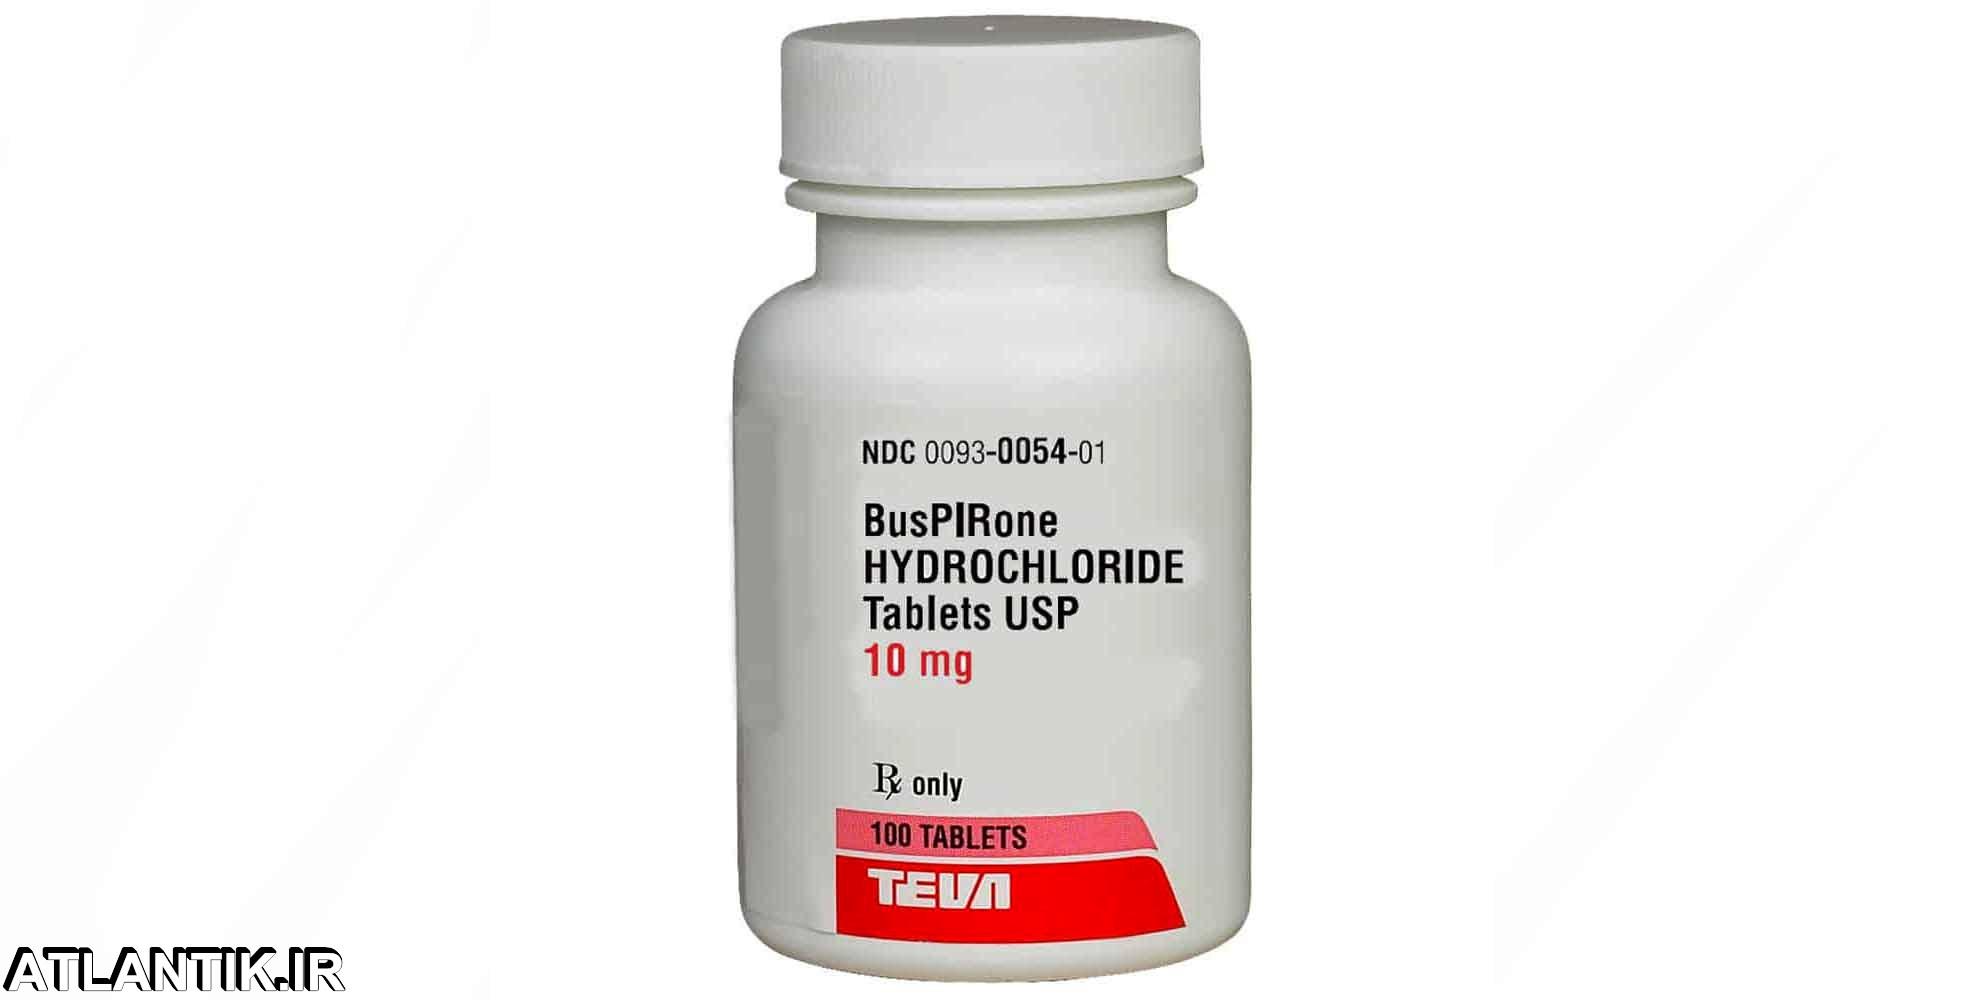 معرفي داروي ضد اضطراب بوسپیرون کلراید – Buspiron Hcl-داروشناسي-بانک اطلاعاتي دارو